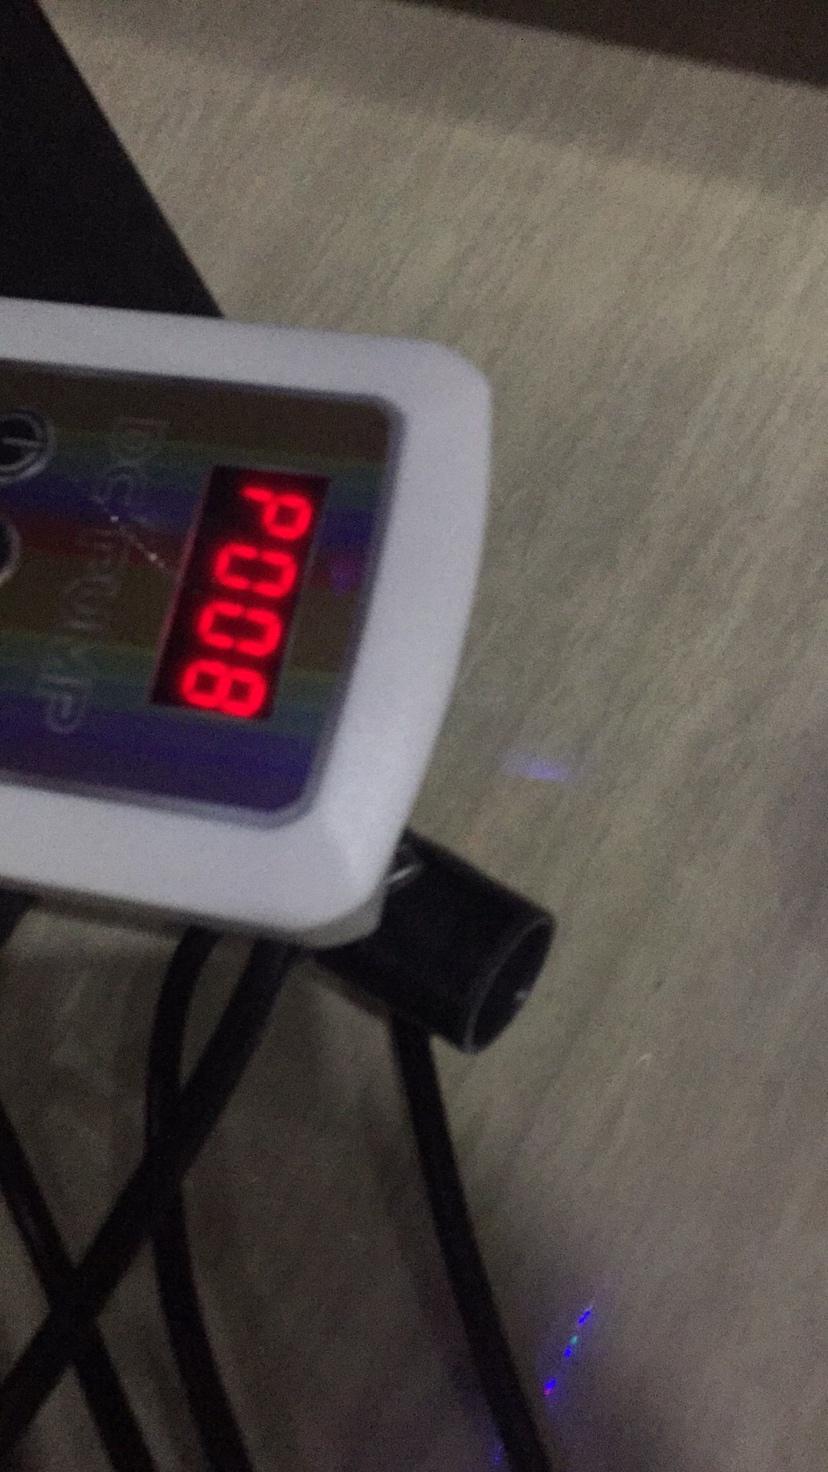 ZFISH水泵试用报告6000 绵阳水族批发市场 绵阳水族批发市场第6张